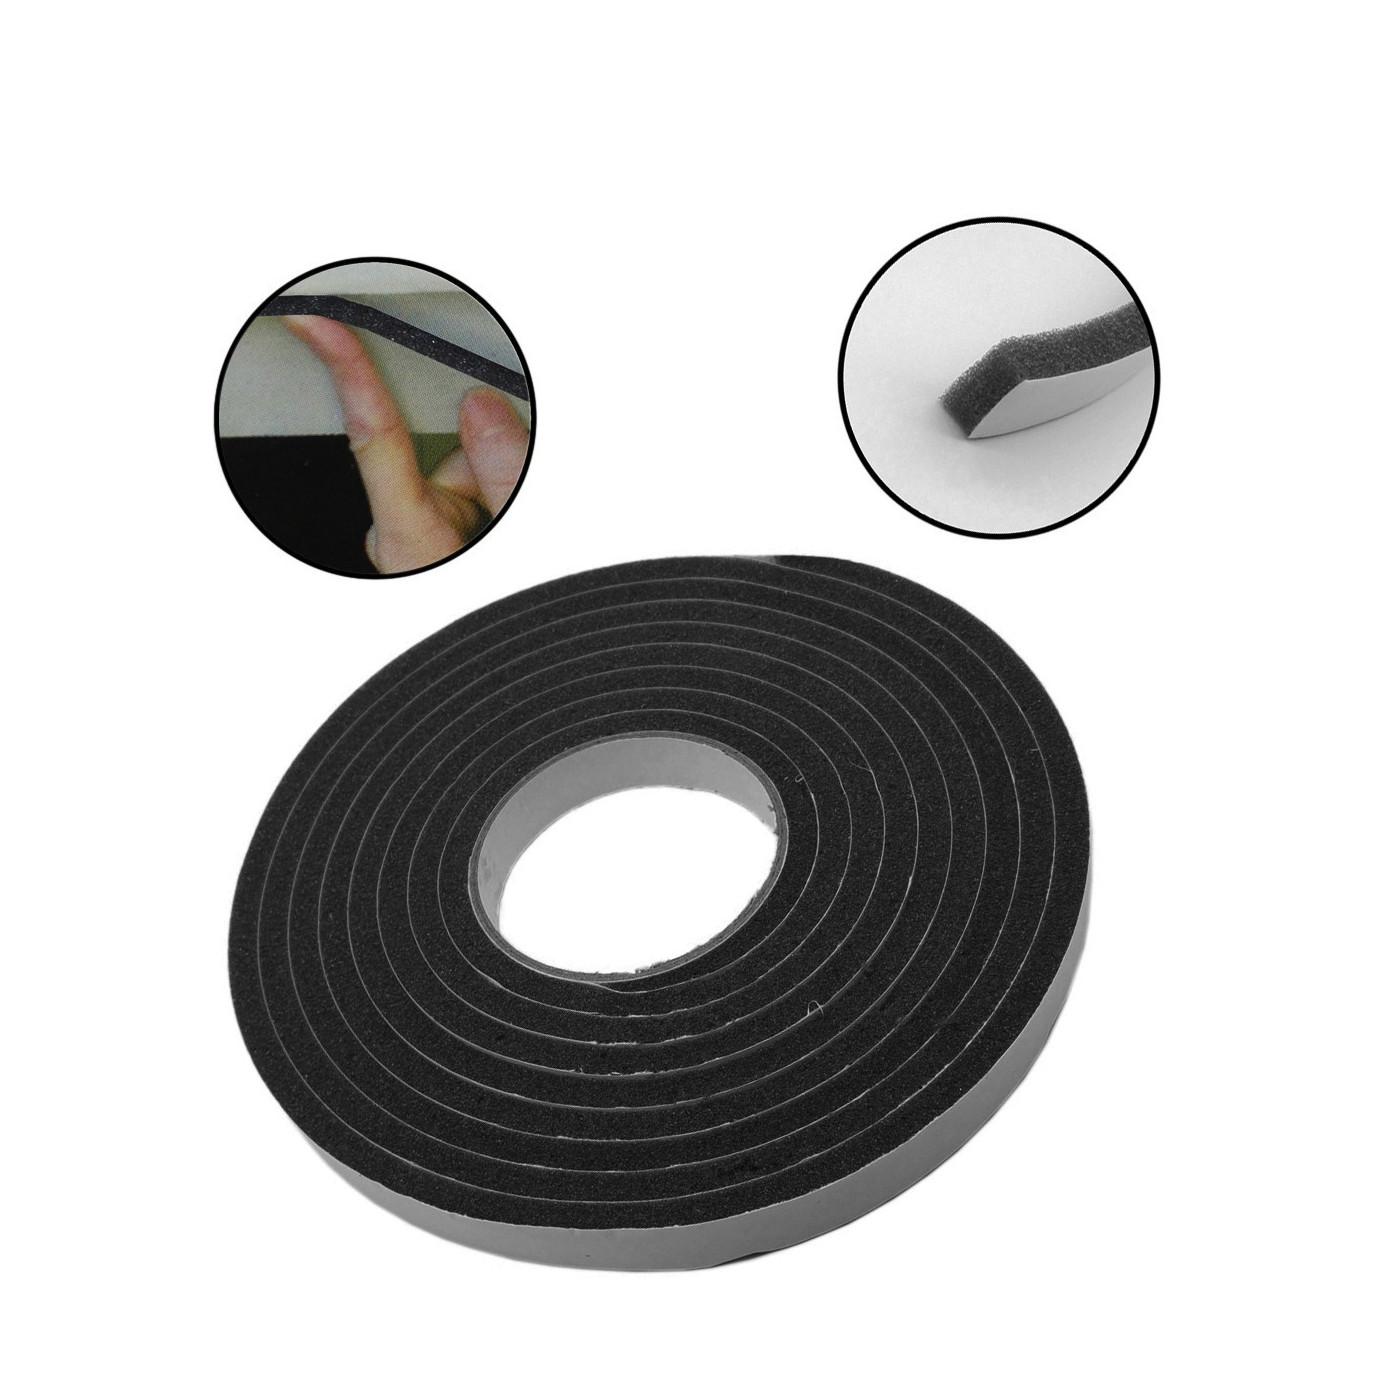 Conjunto de 12 metros de fita de vedação de 18 mm (espuma cinza / preto)  - 1